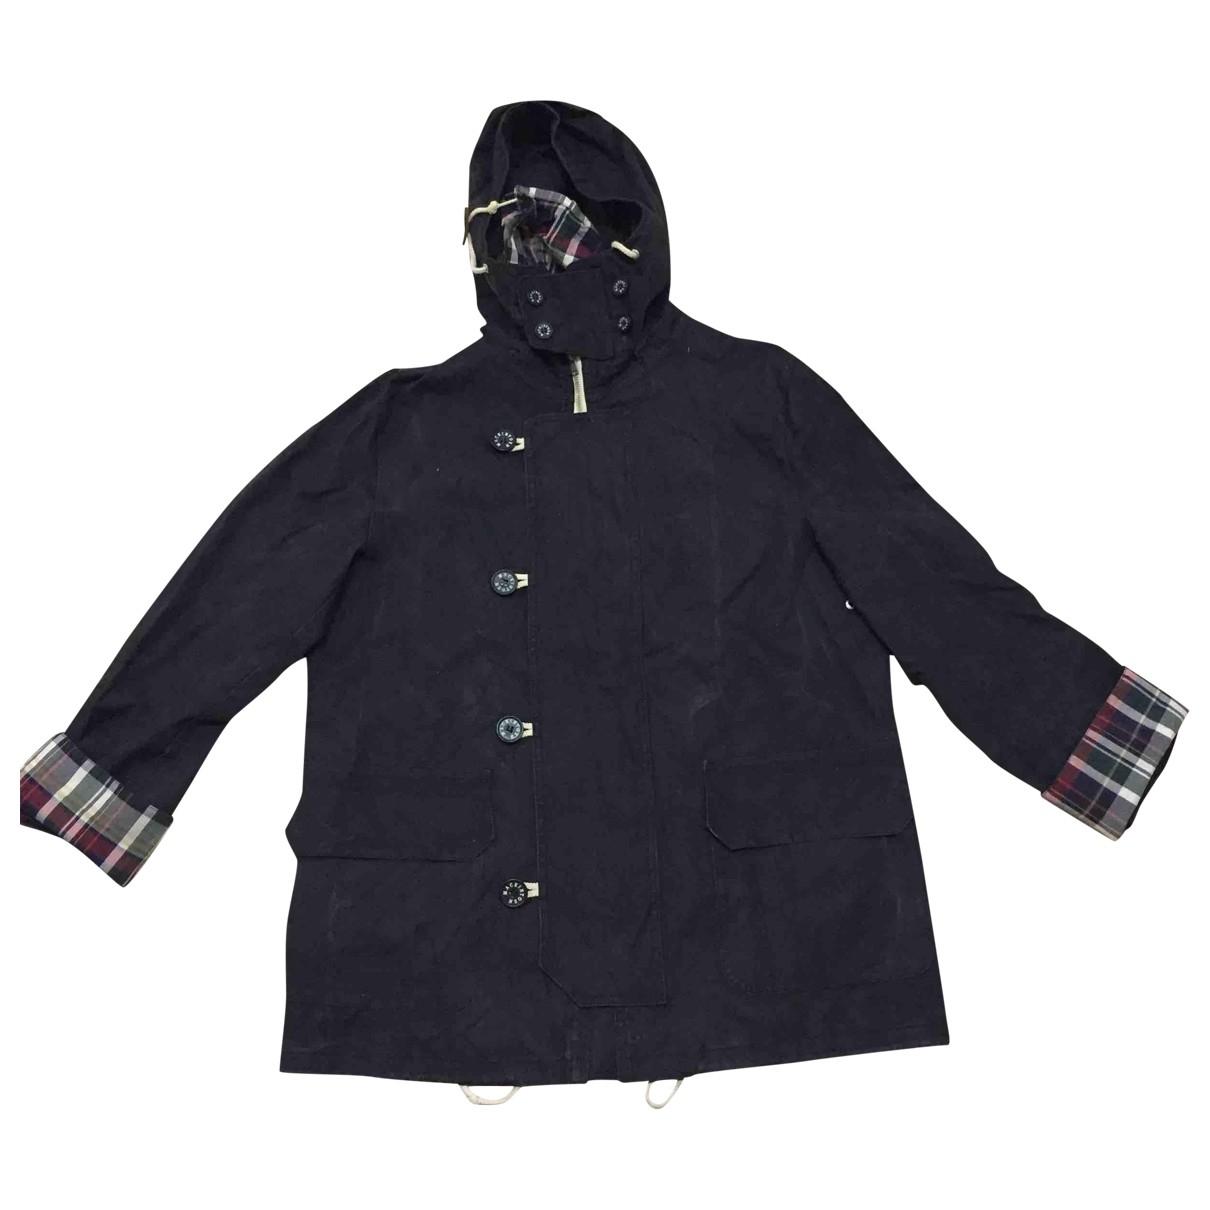 Junya Watanabe - Manteau   pour homme en coton - noir